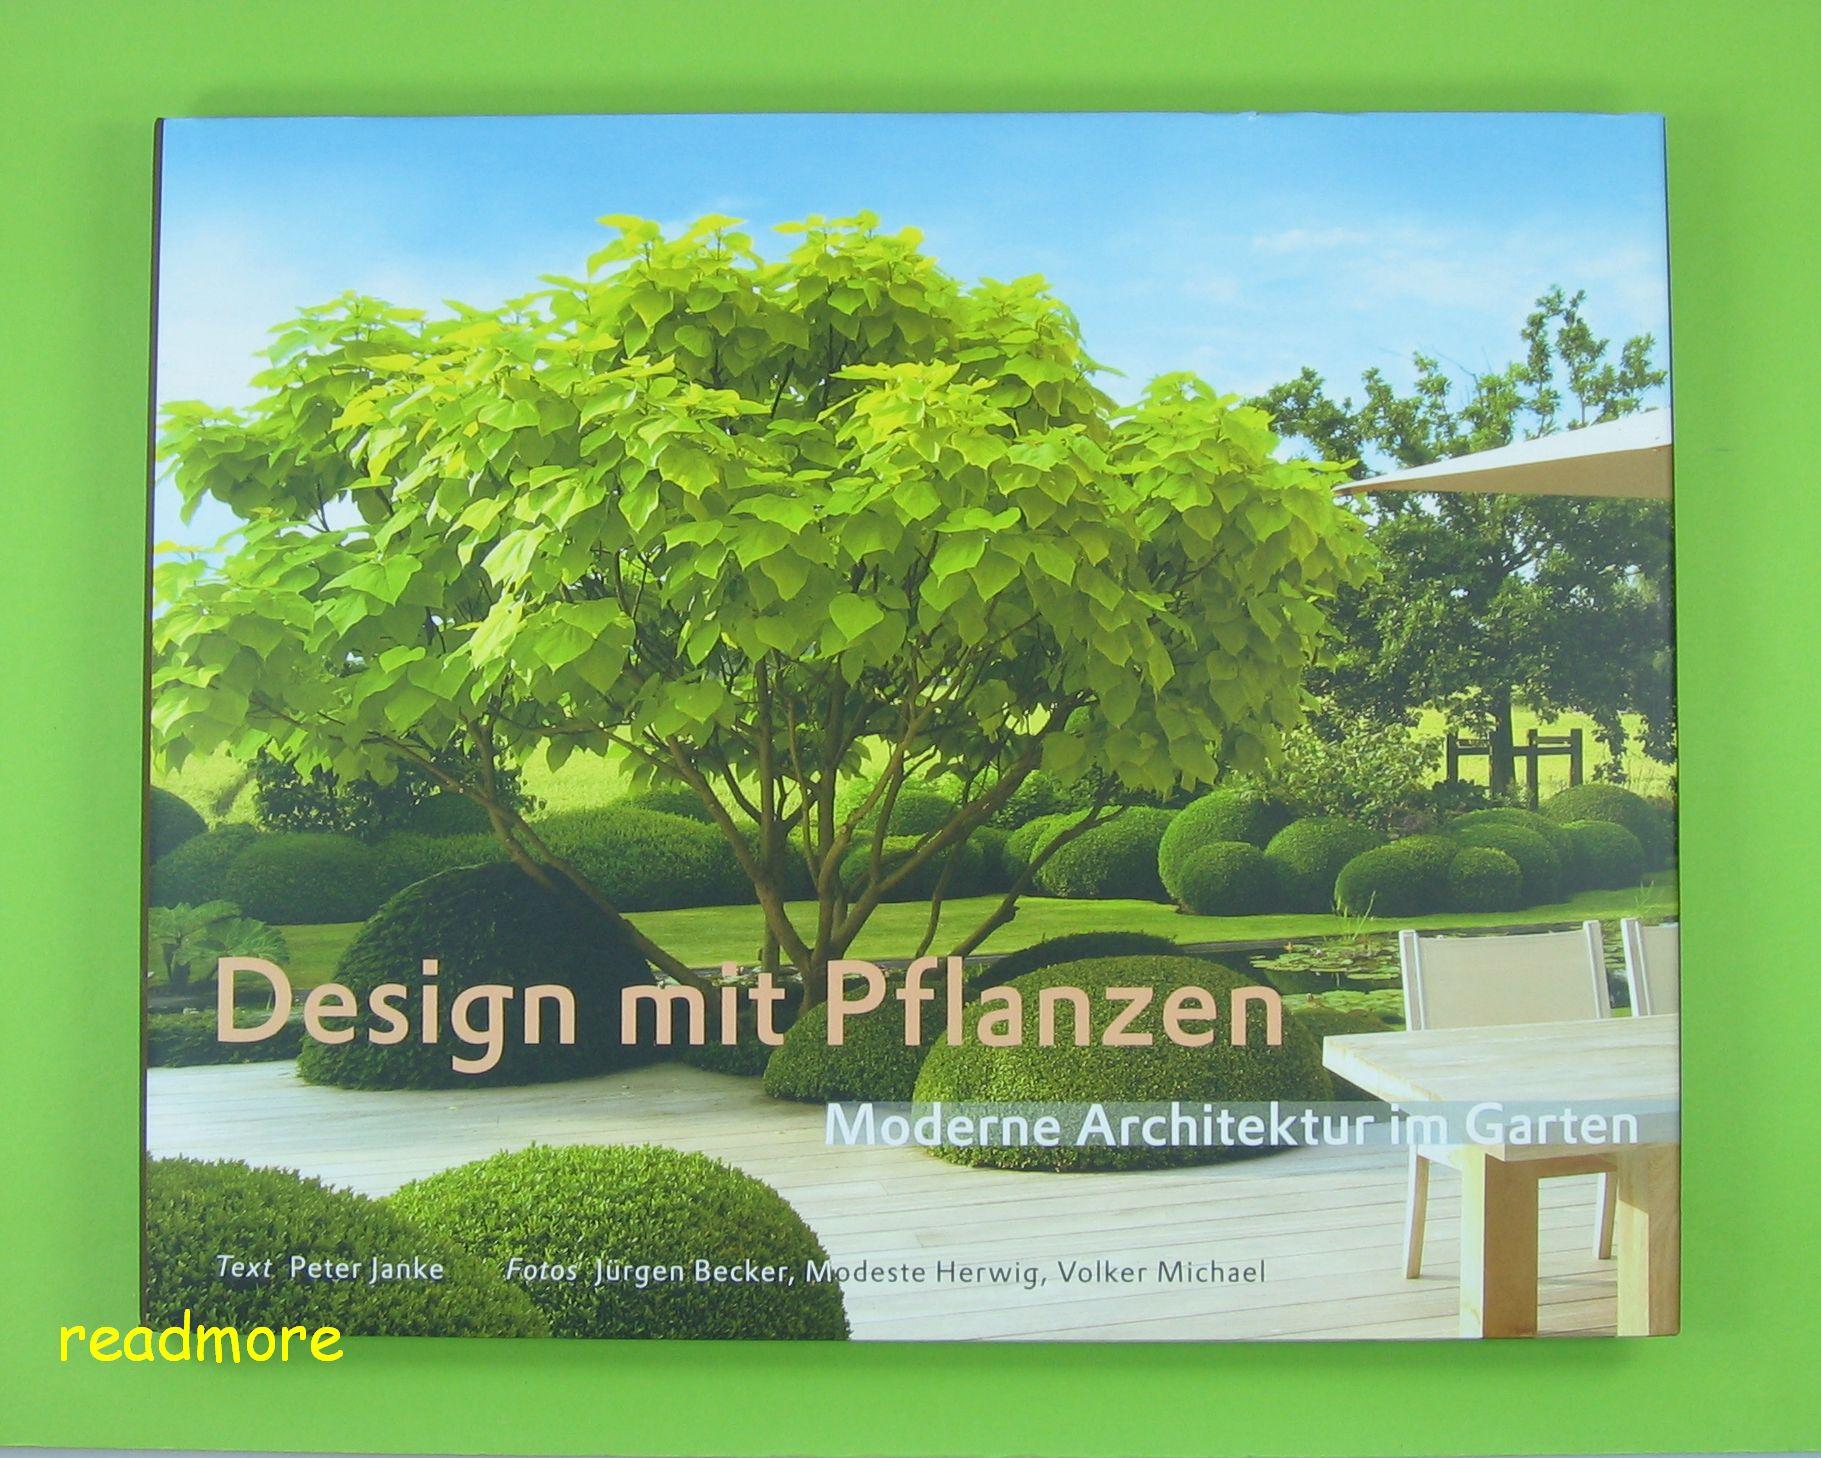 Design mit pflanzen moderne architektur im garten for Design mit pflanzen